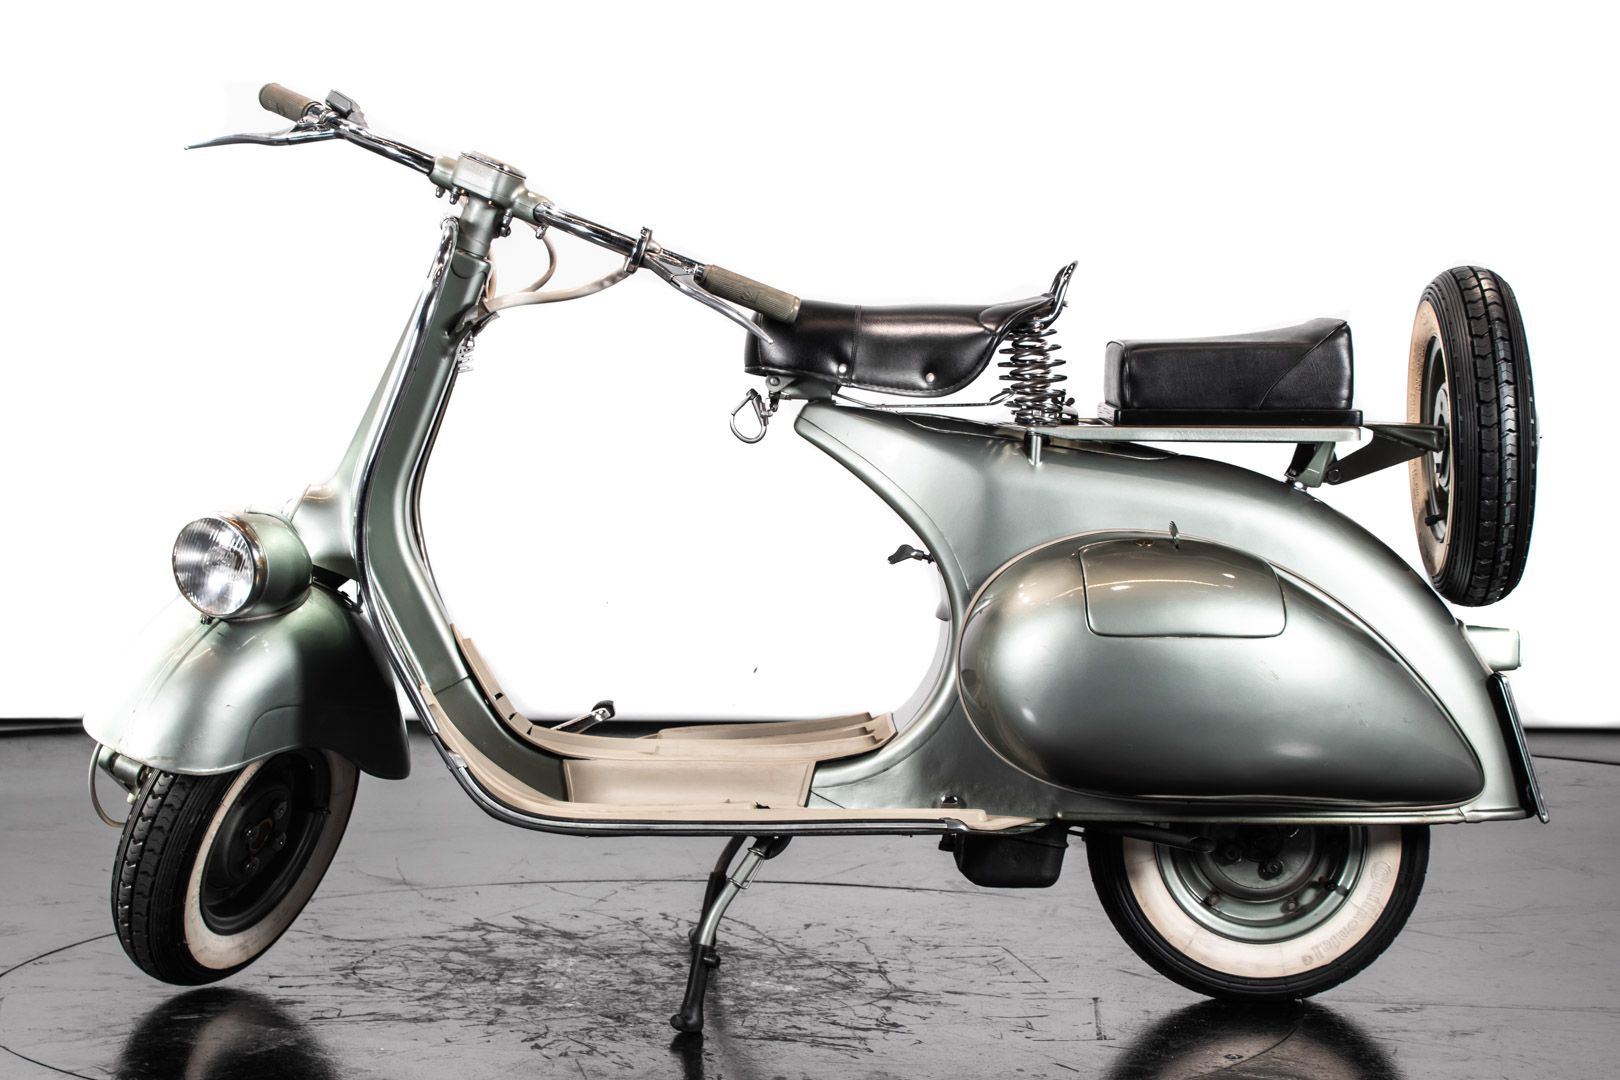 1953 Piaggio Vespa 125 Faro Basso 83435